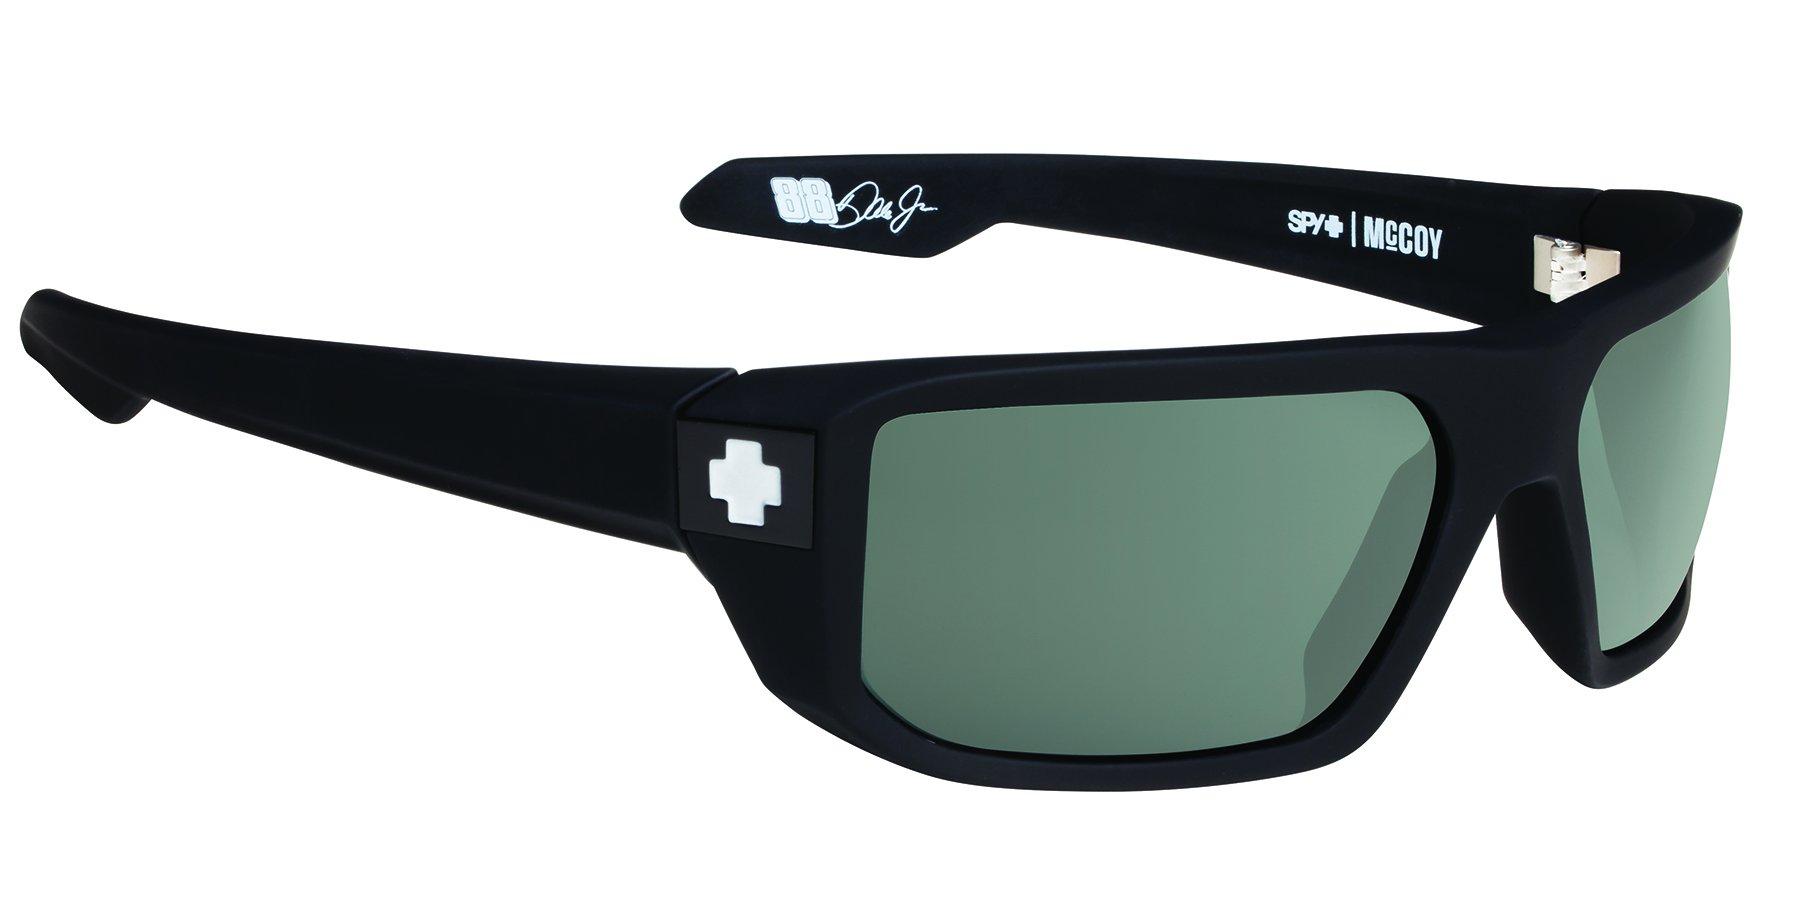 Spy Optic McCoy Flat Sunglasses, Soft Matte Black/Happy Gray/Green, 63 mm